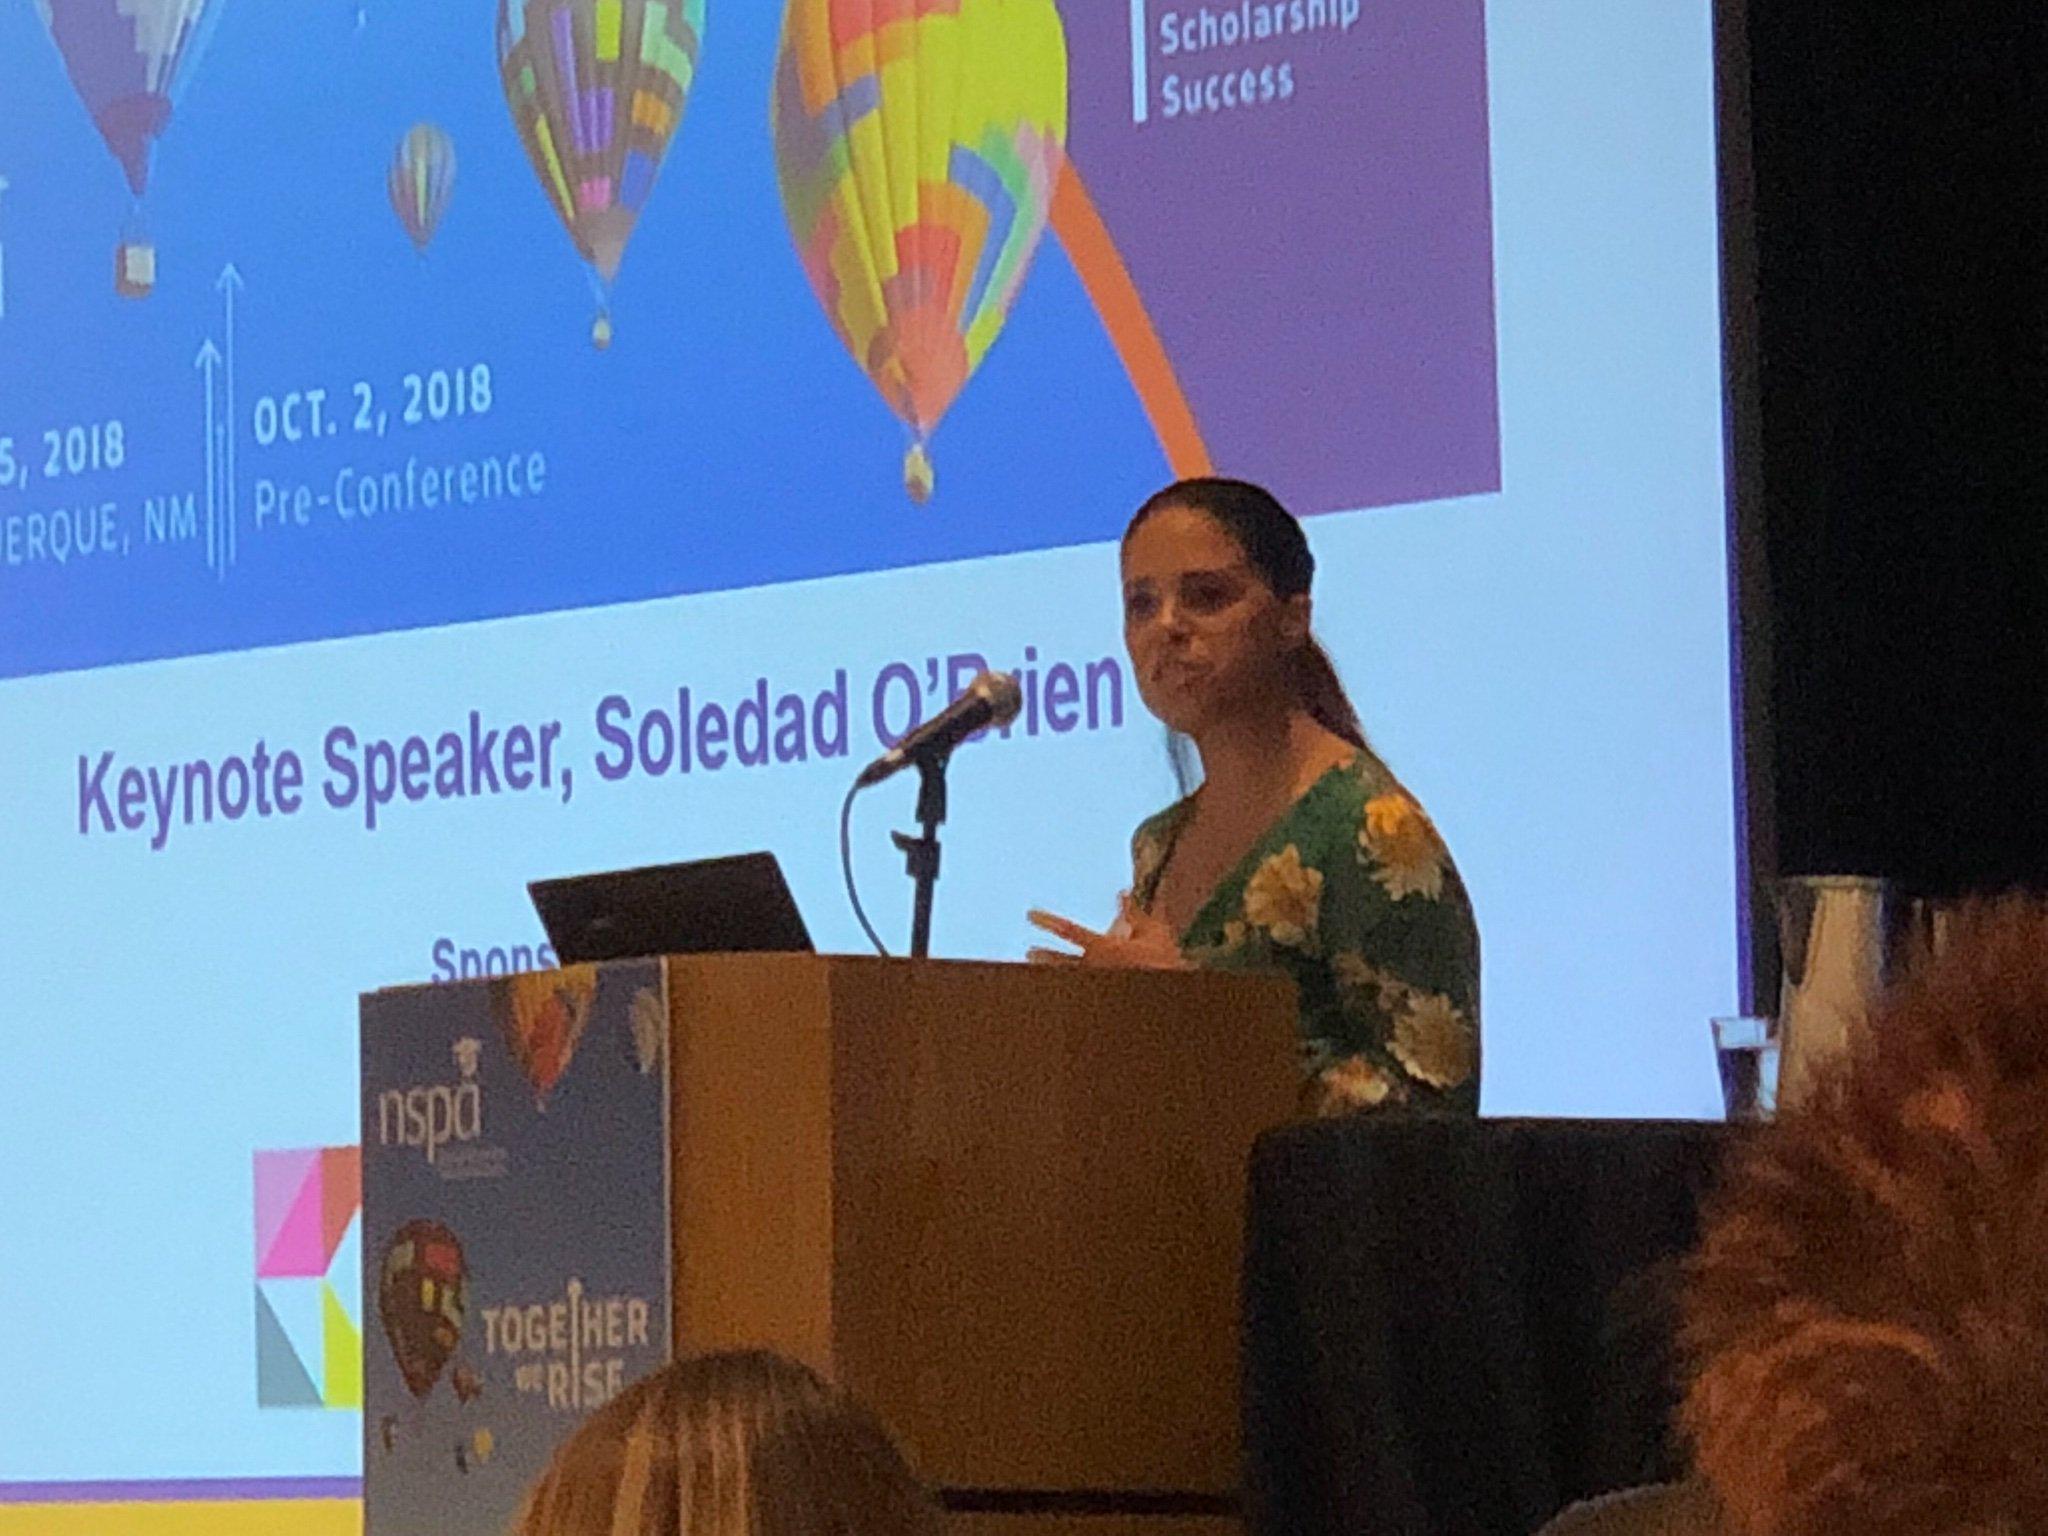 Soledad O'Brien. Photo by JoLynn Noe